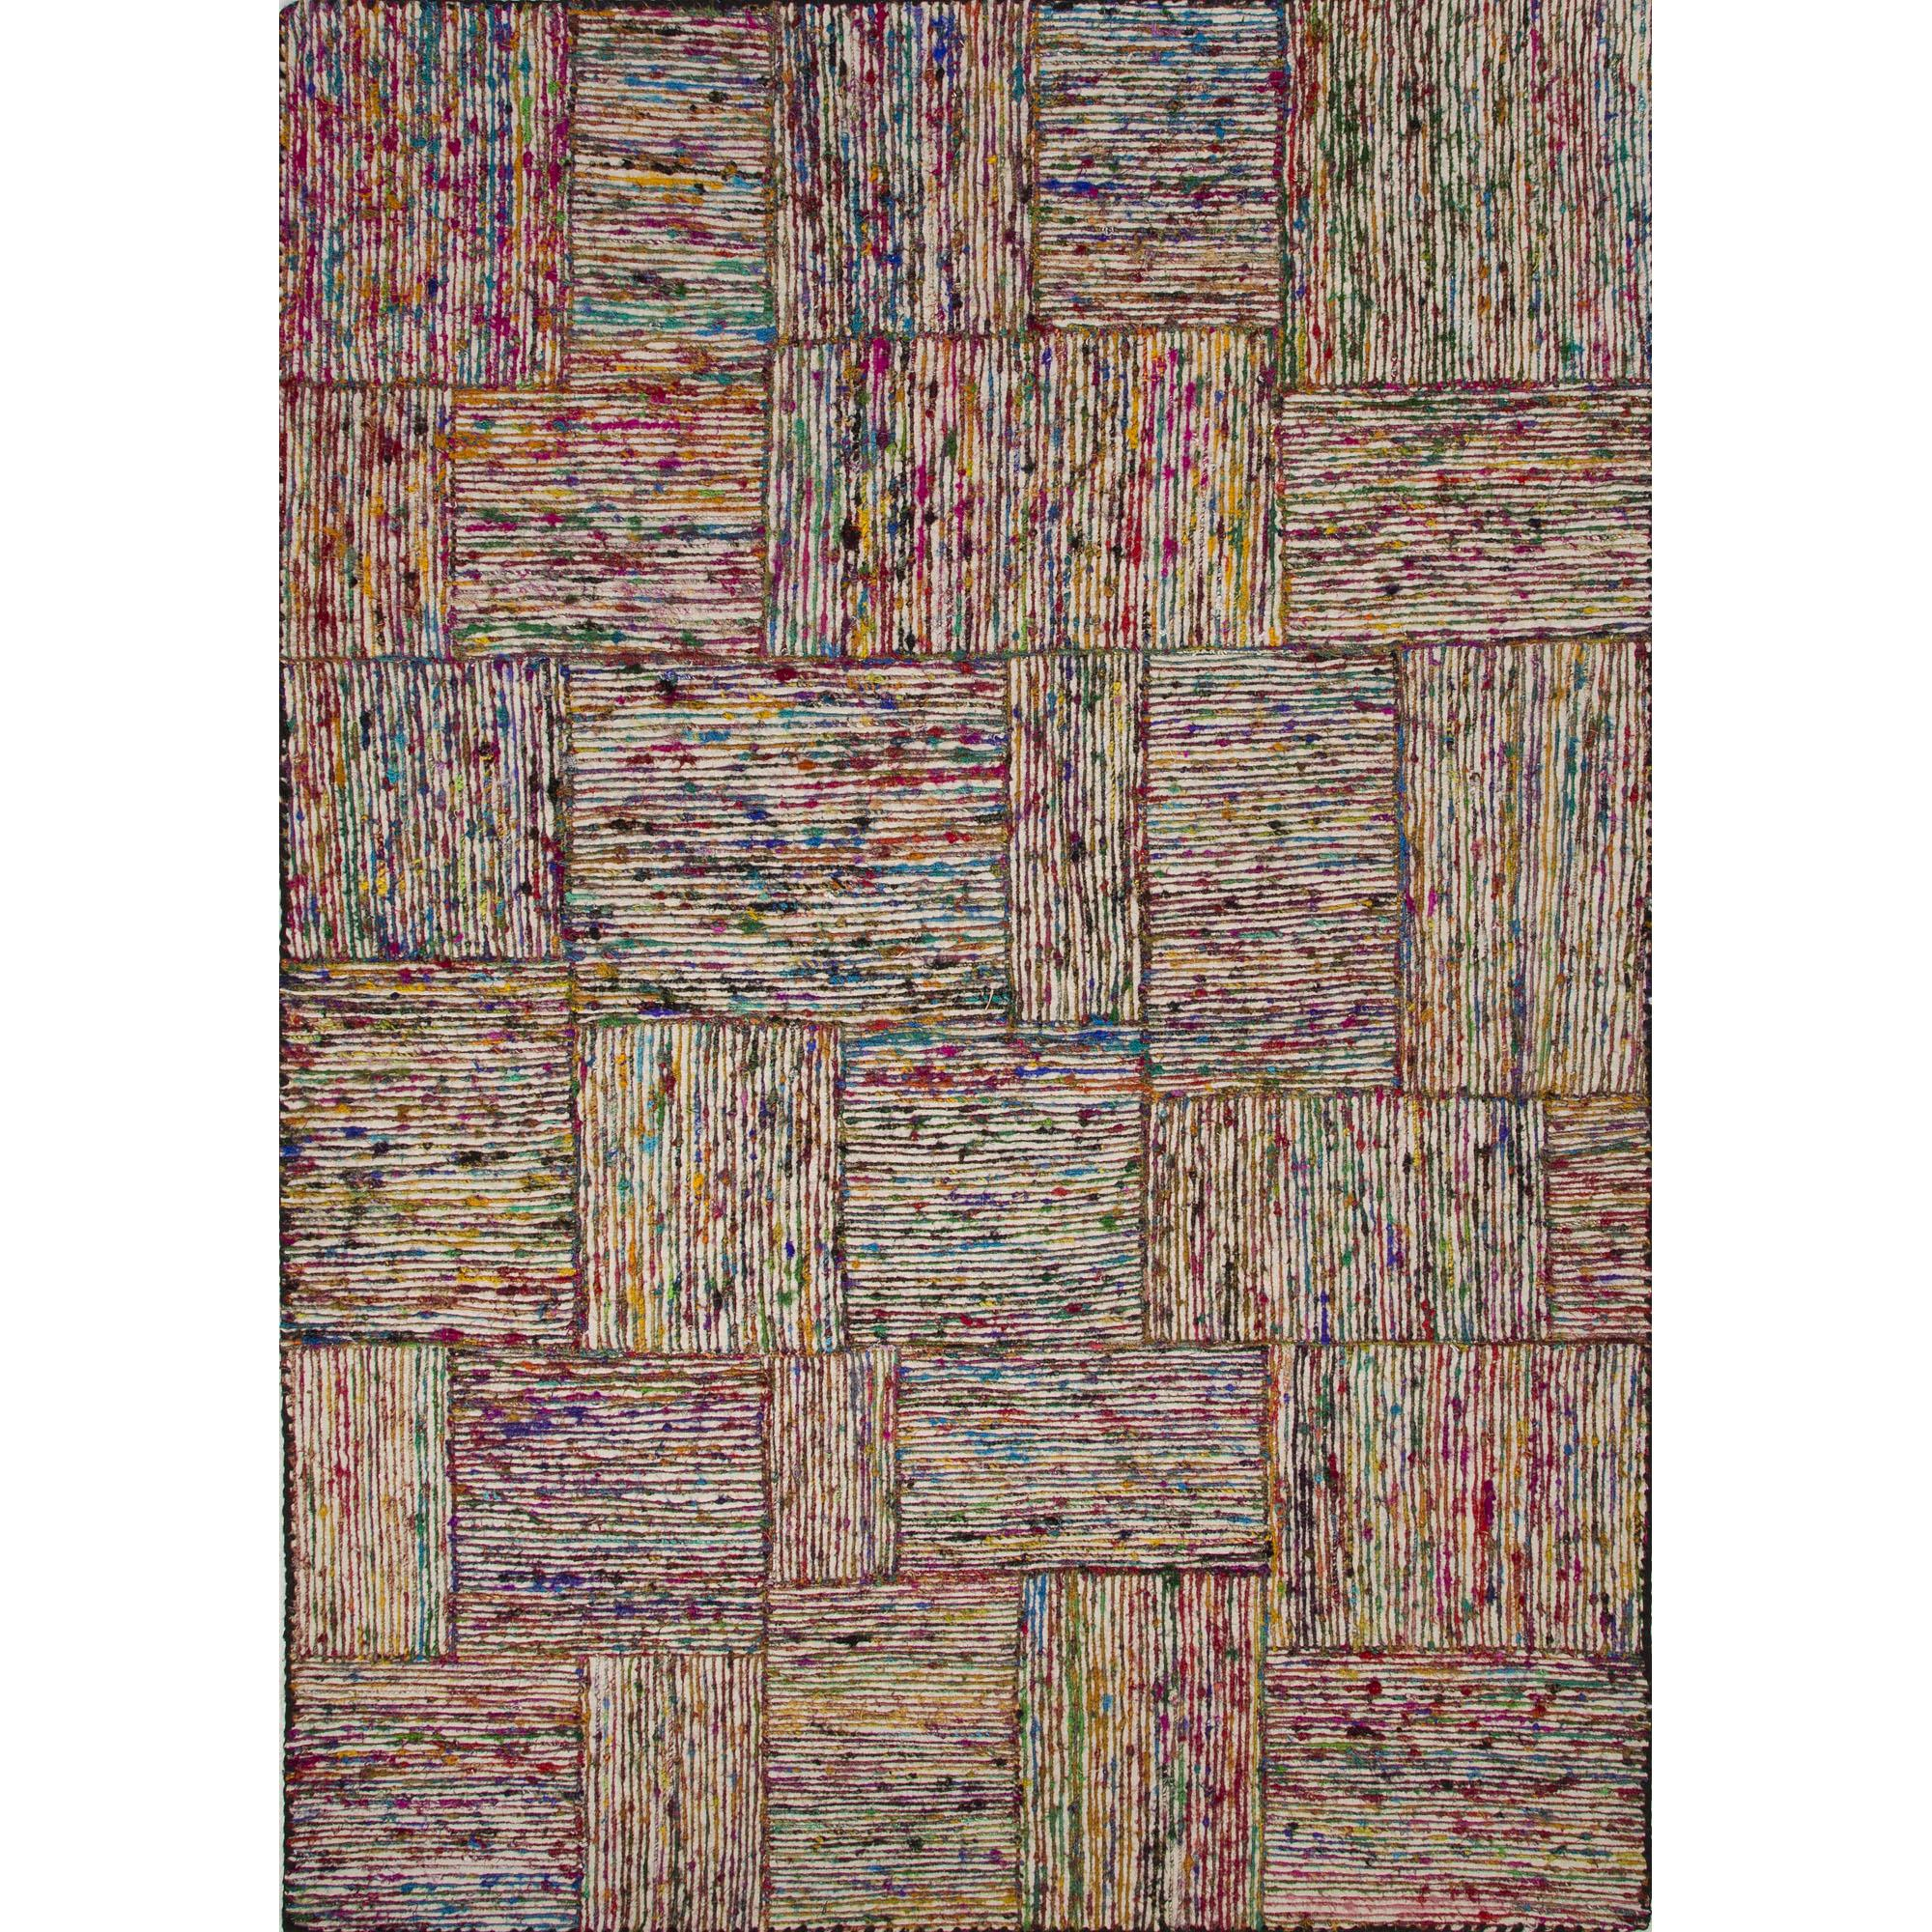 JAIPUR Rugs Darien By Rug Republic 2 x 3 Rug - Item Number: RUG124554